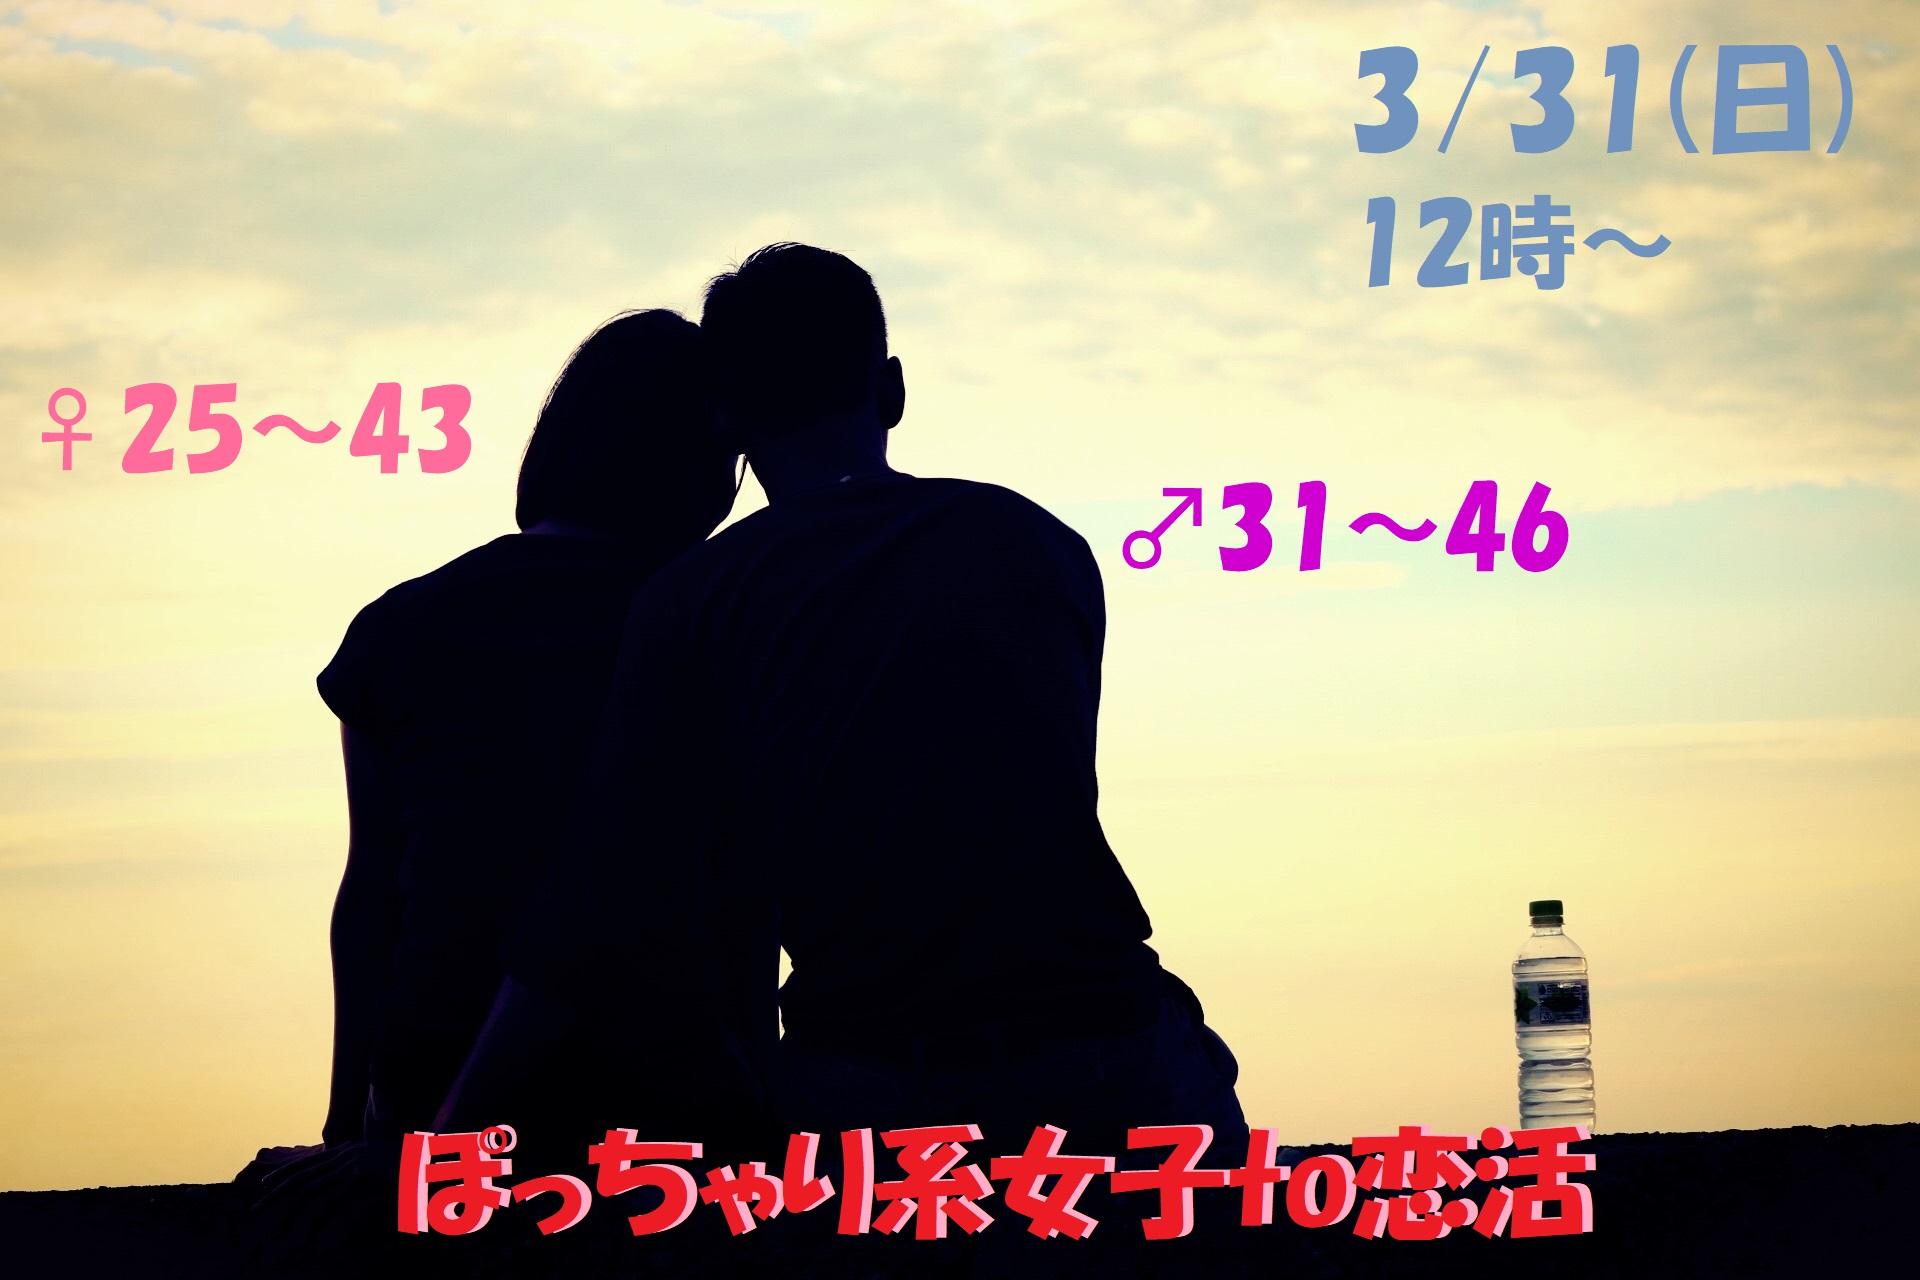 第1065回 12時~【男性31~46歳,女性25~43歳限定】どちらかというとぽっちゃり系女子 to 恋活!のご報告